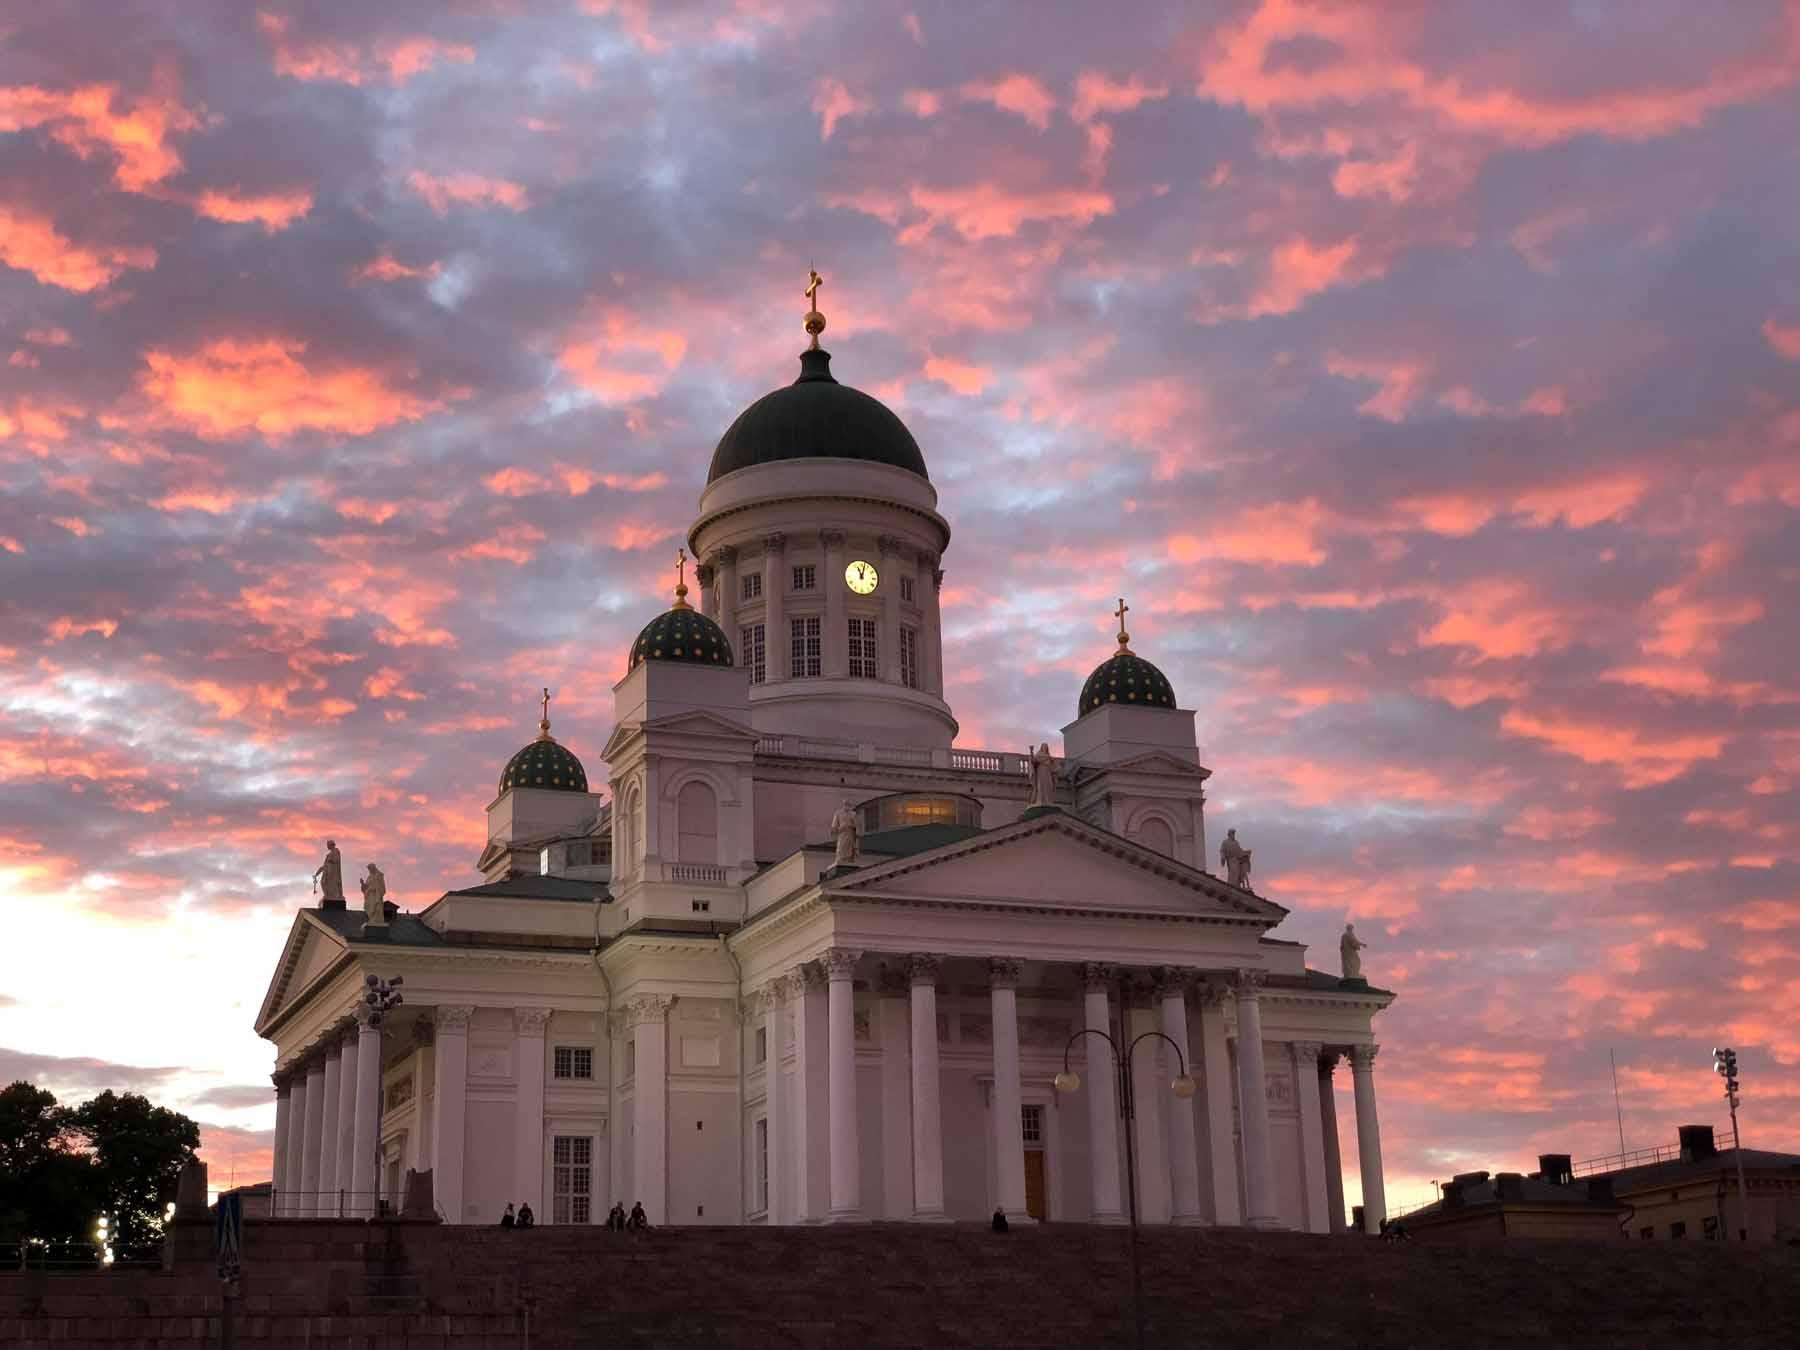 Helsinkis Dom in fantastischem Abendlicht